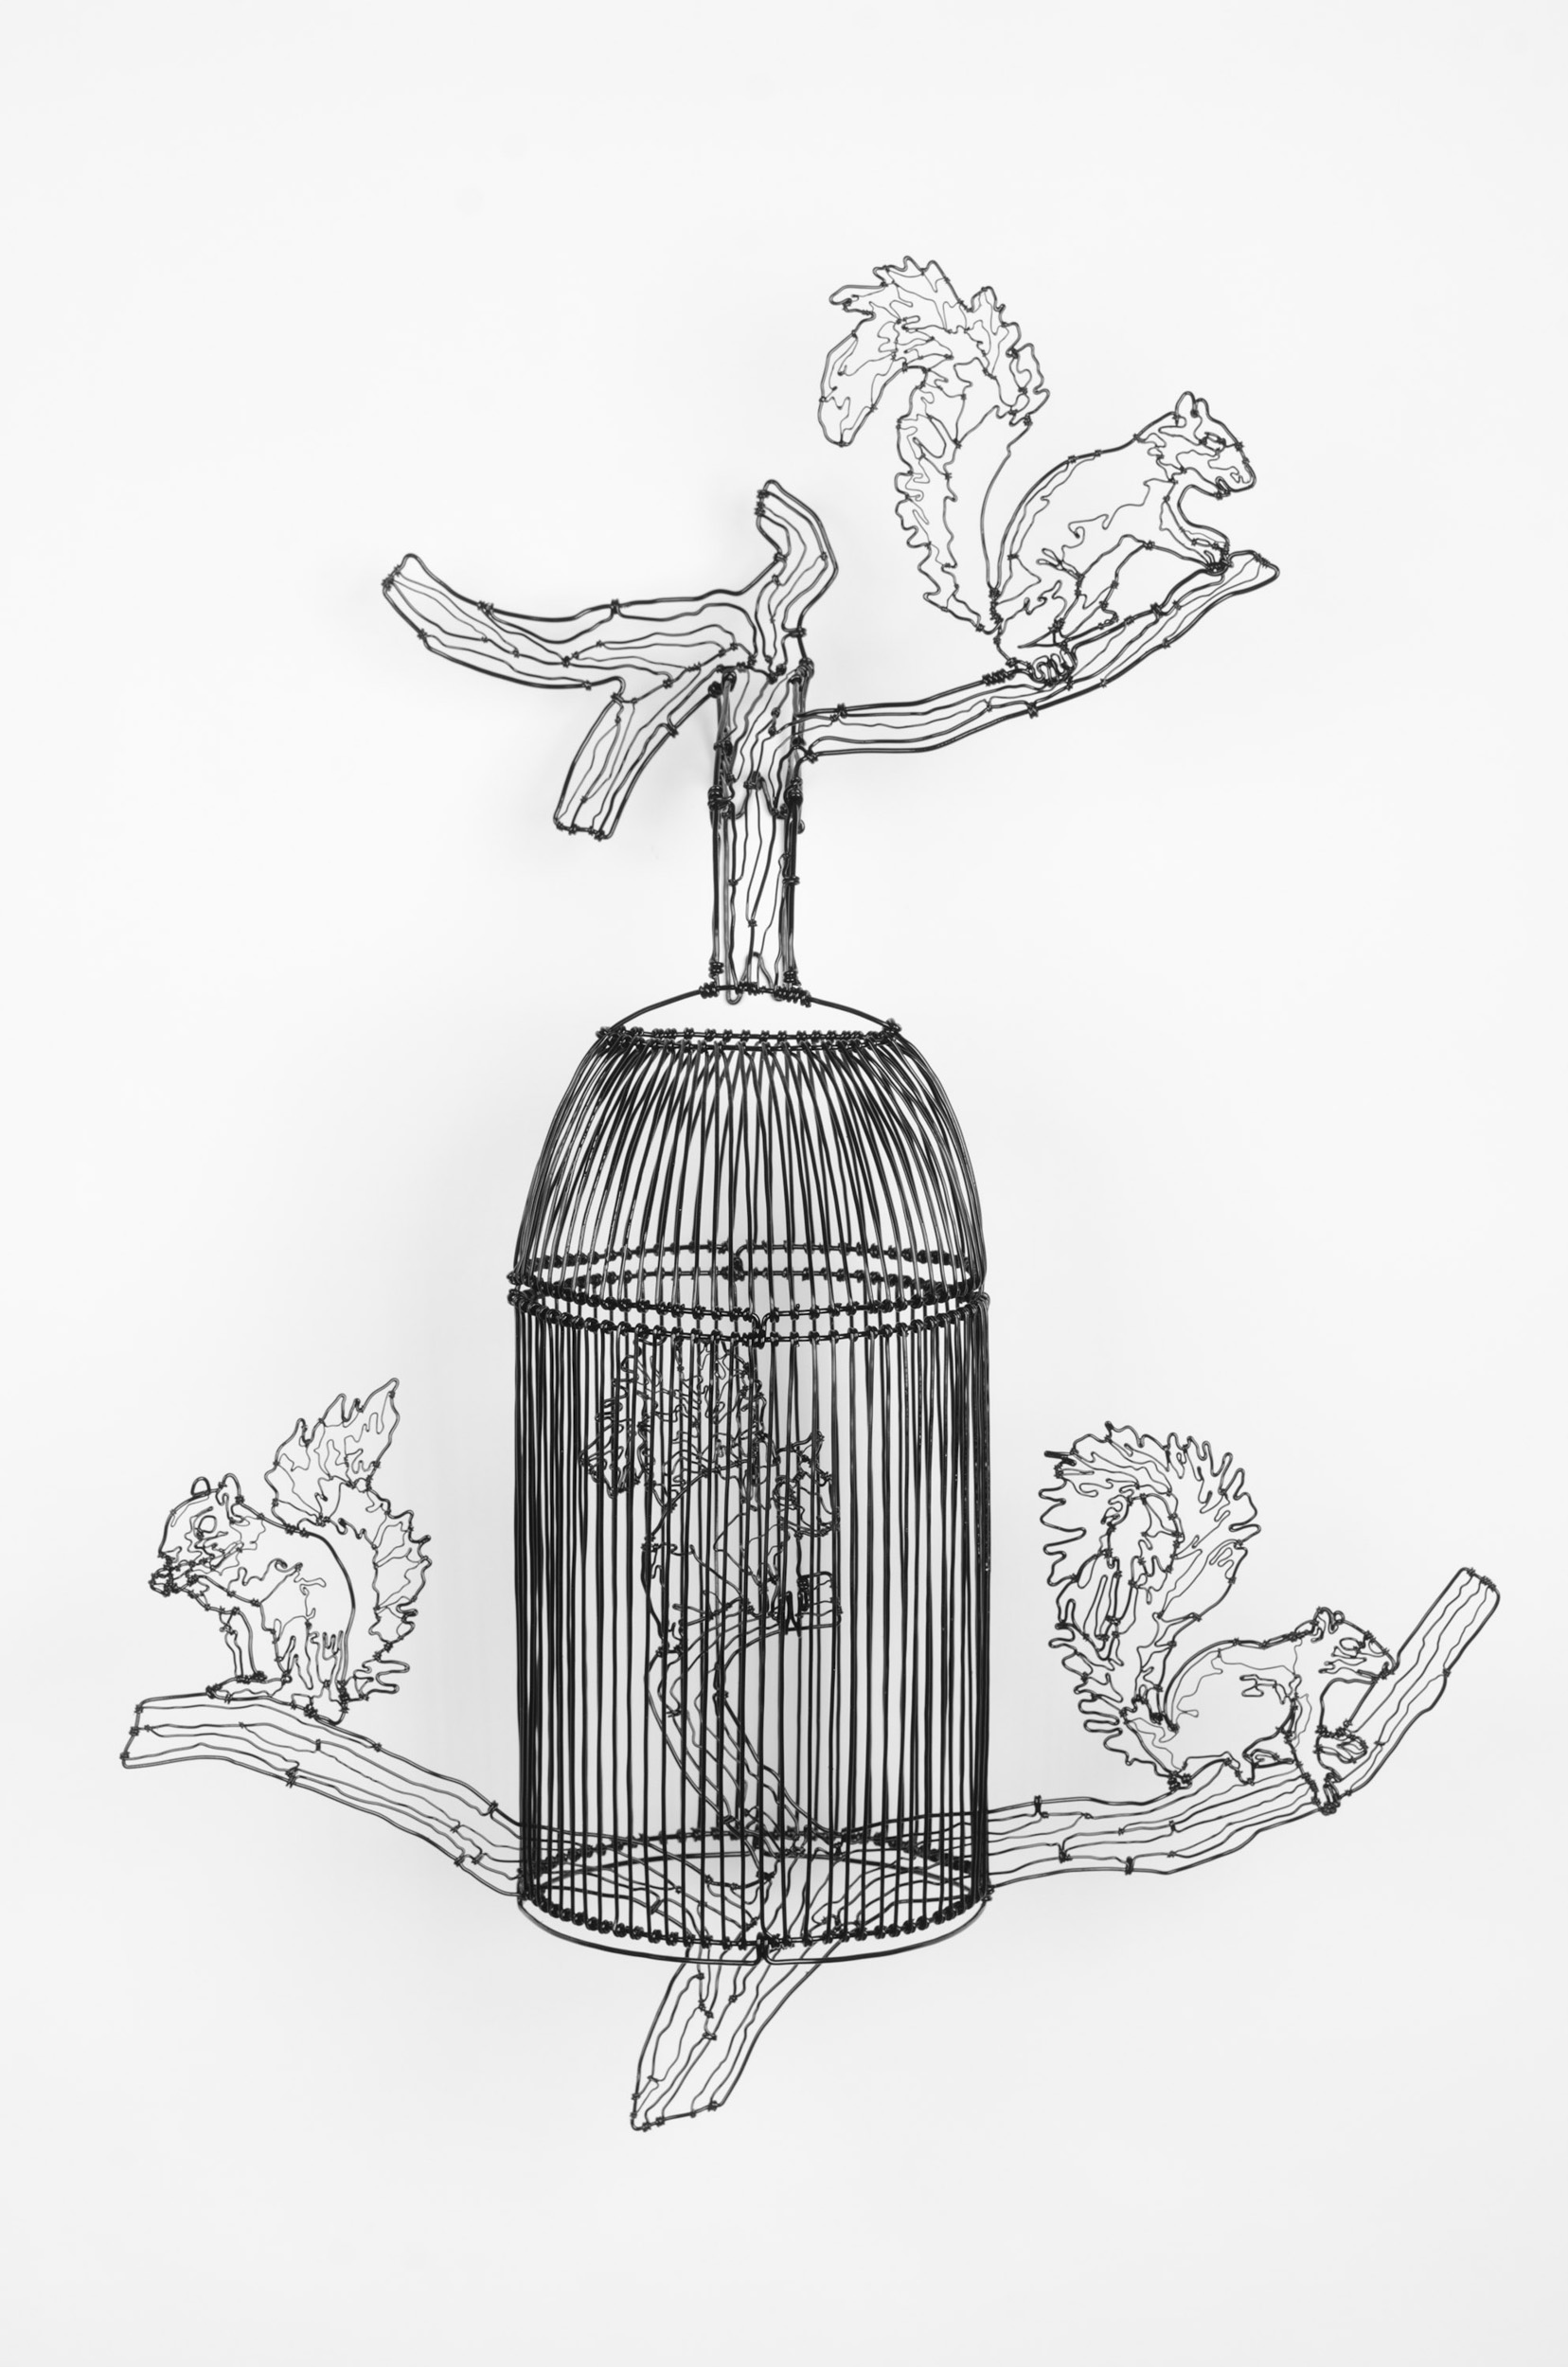 Squirrel Cage 1